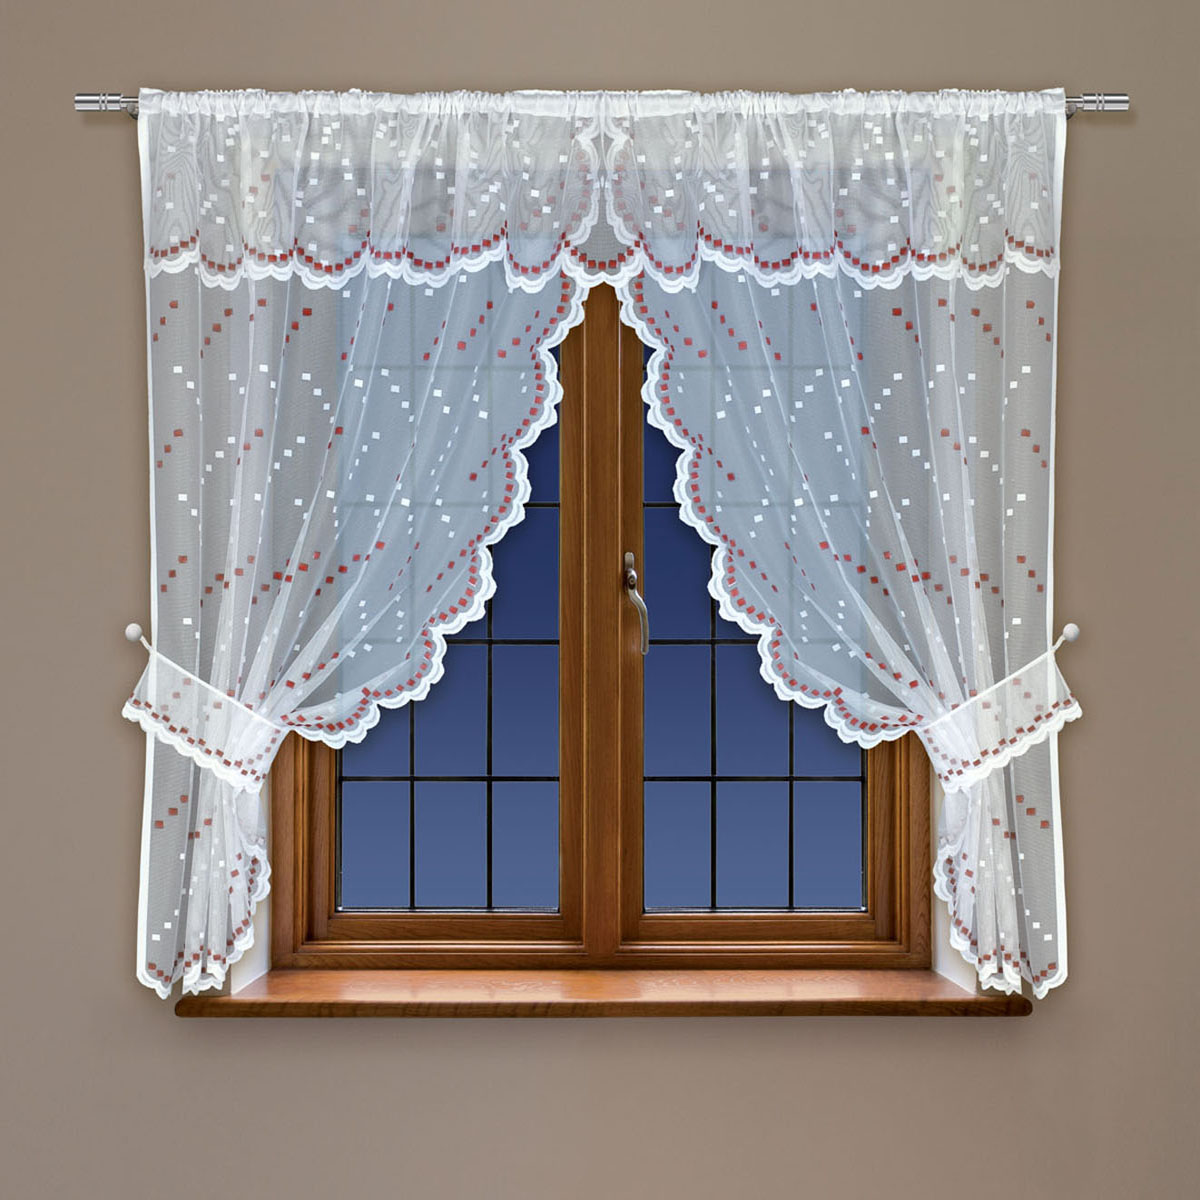 Гардина Haft, на кулиске, цвет: белый, красный, высота 107 см. 228410SVC-300Воздушная гардина Haft, выполненная из полиэстера, великолепно украсит любое окно.Изделие имеет оригинальный дизайн и органично впишется в интерьер помещения.Гардина крепится на карниз при помощи кулиски.